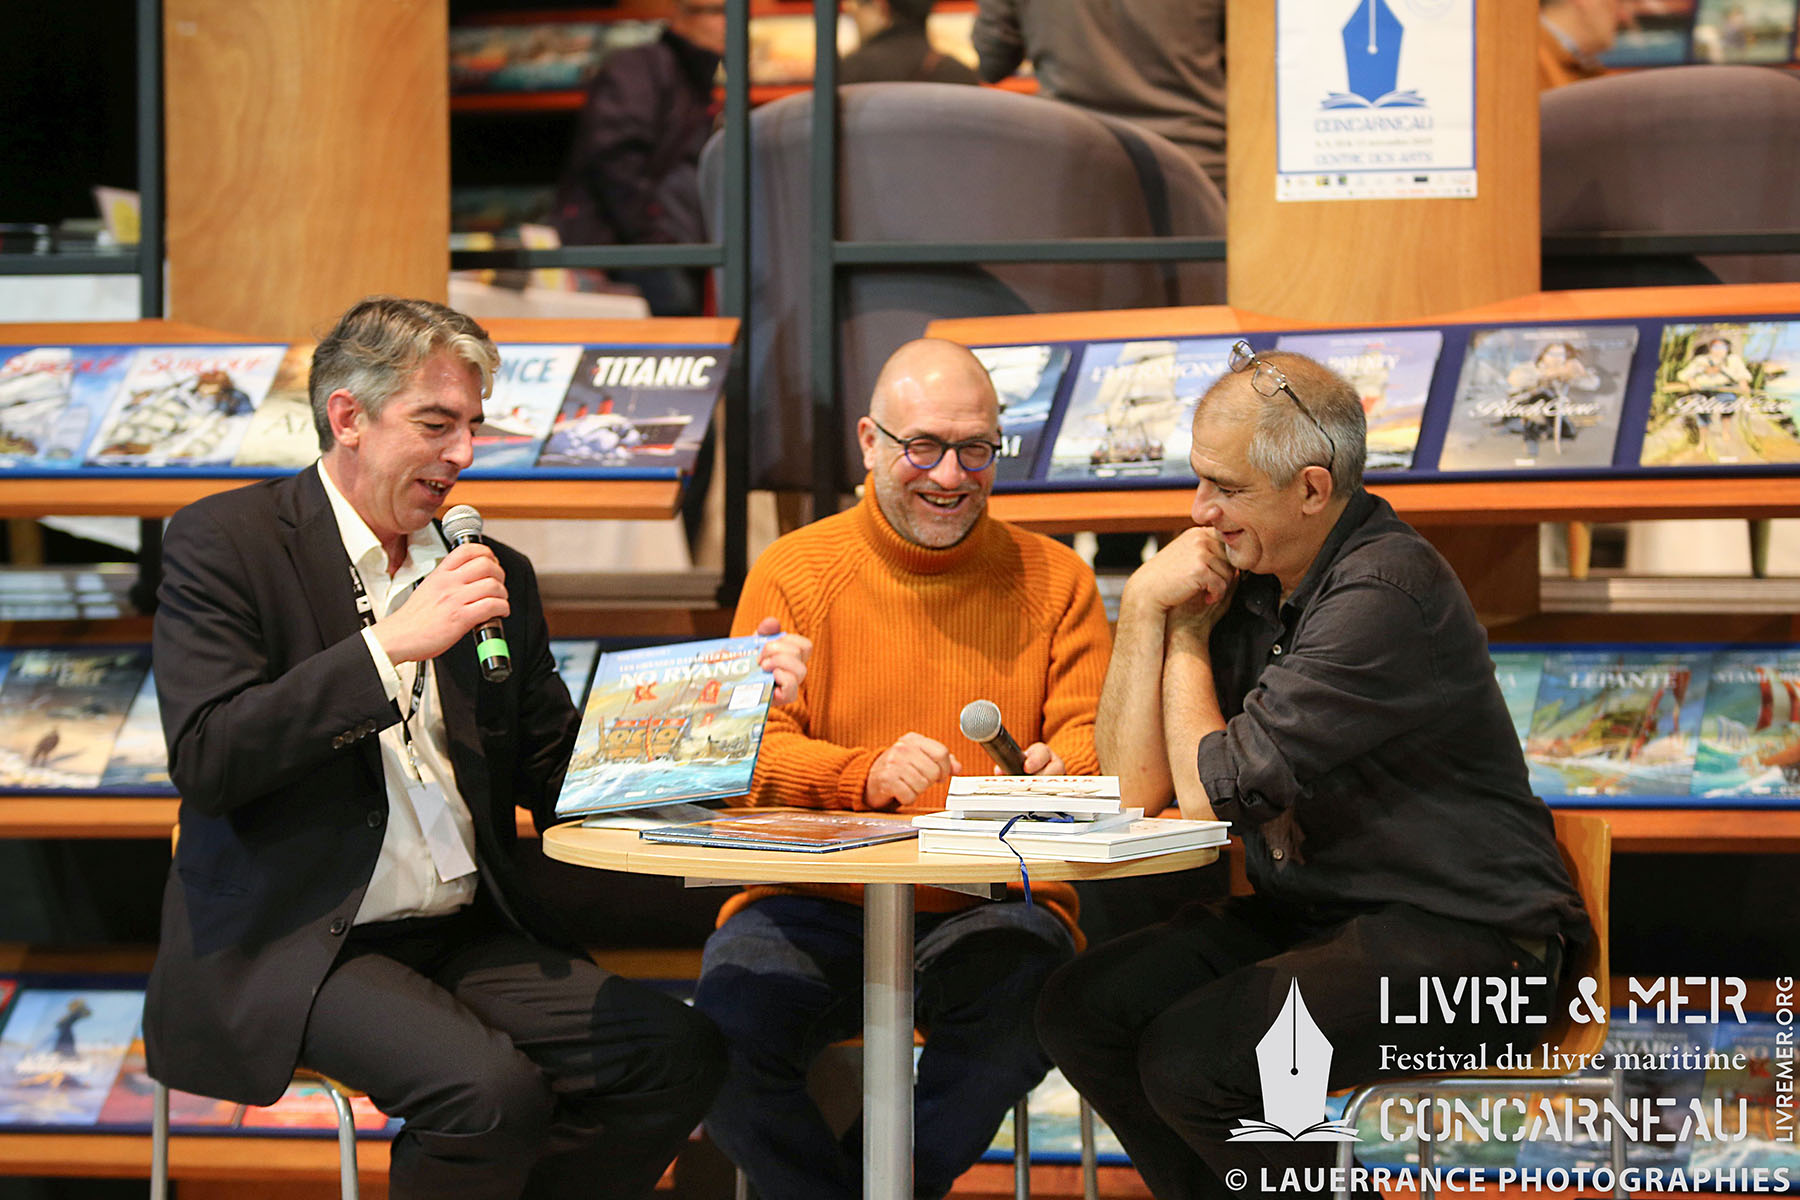 Brieg Haslé-Le Gall, Jean-Yves Delitte & Jean-Benoît Héron © Lauerrance Photographies